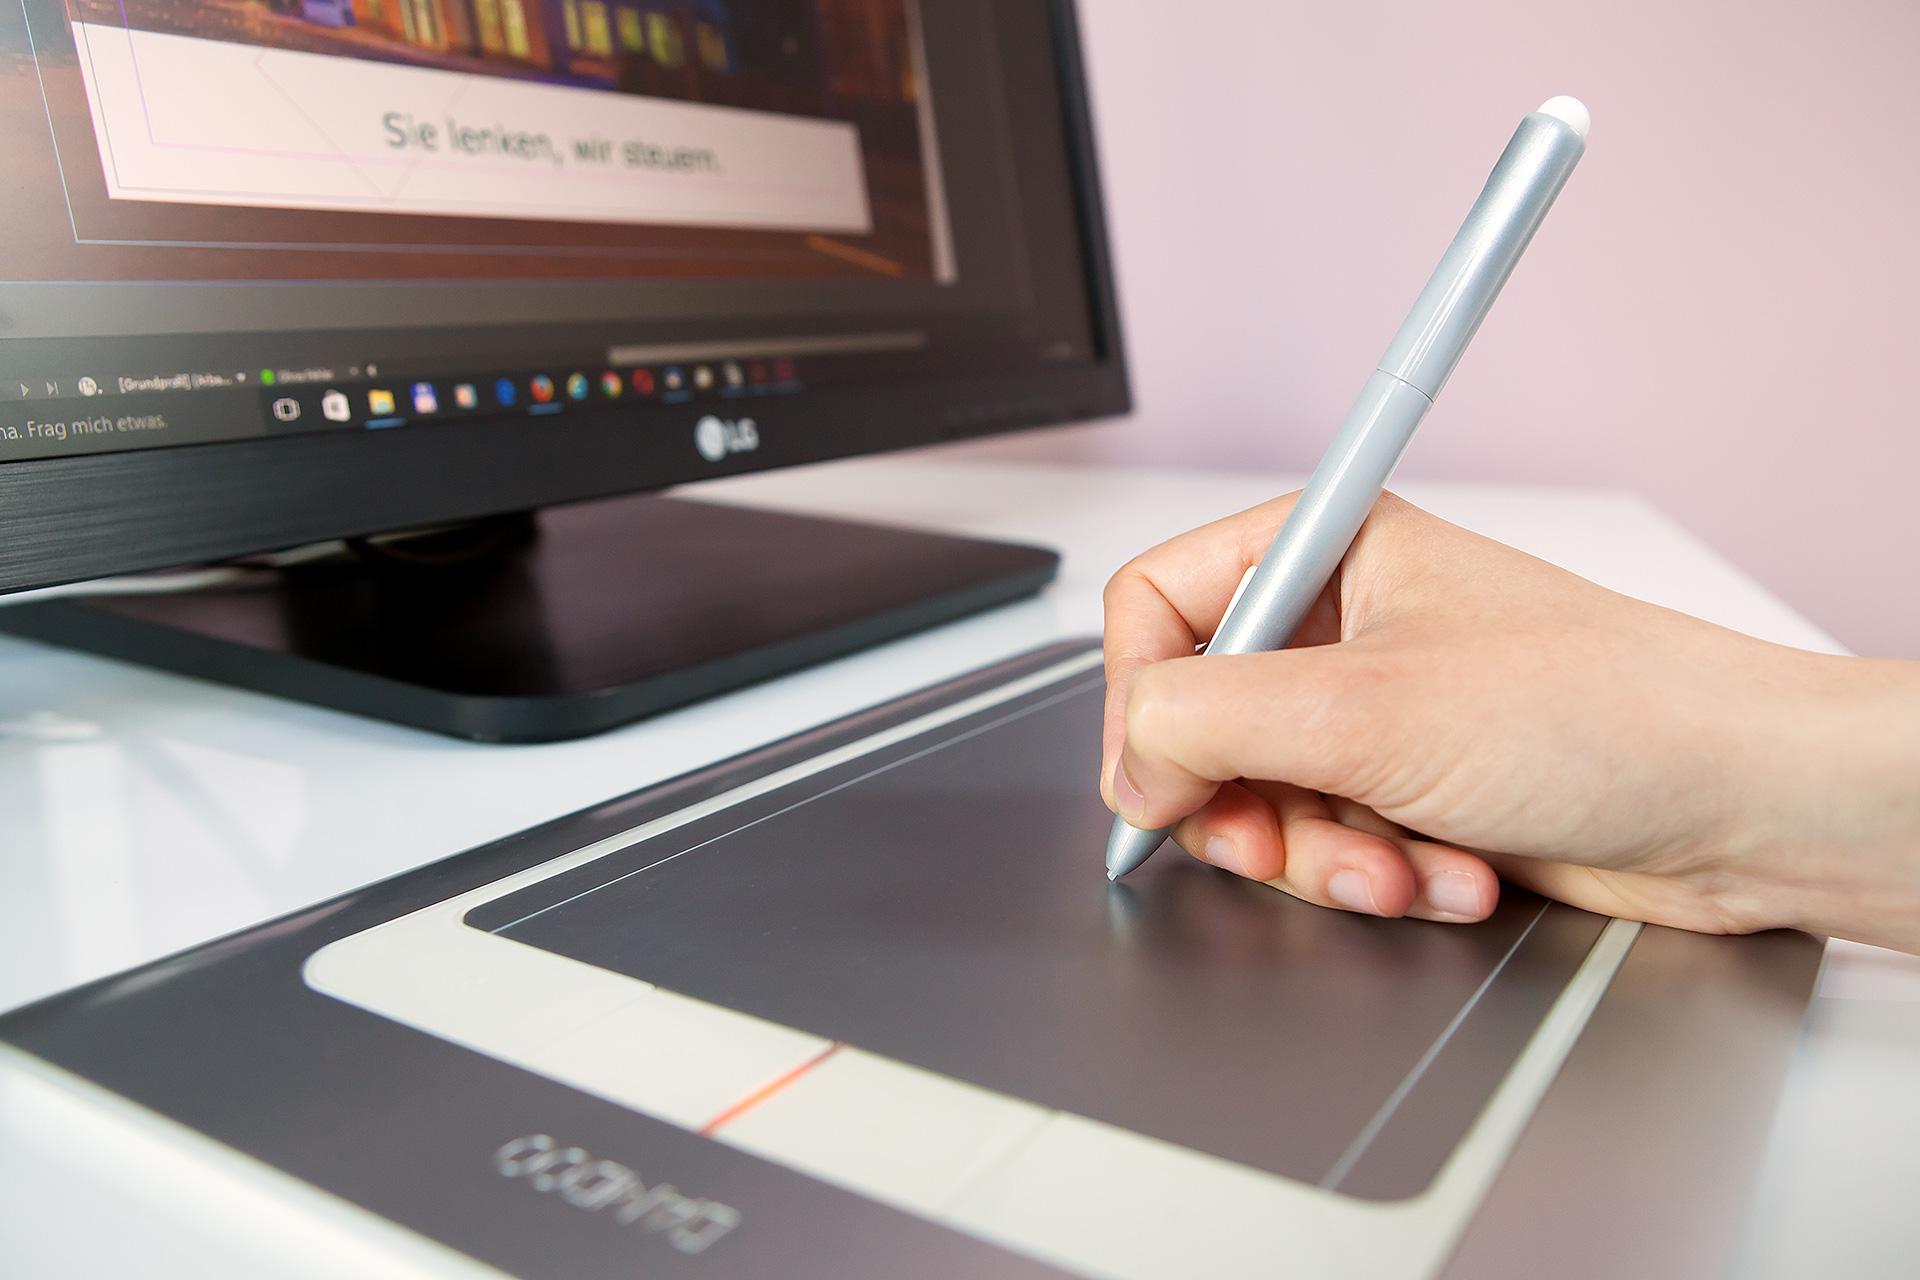 Gestaltung - Grafiktablett